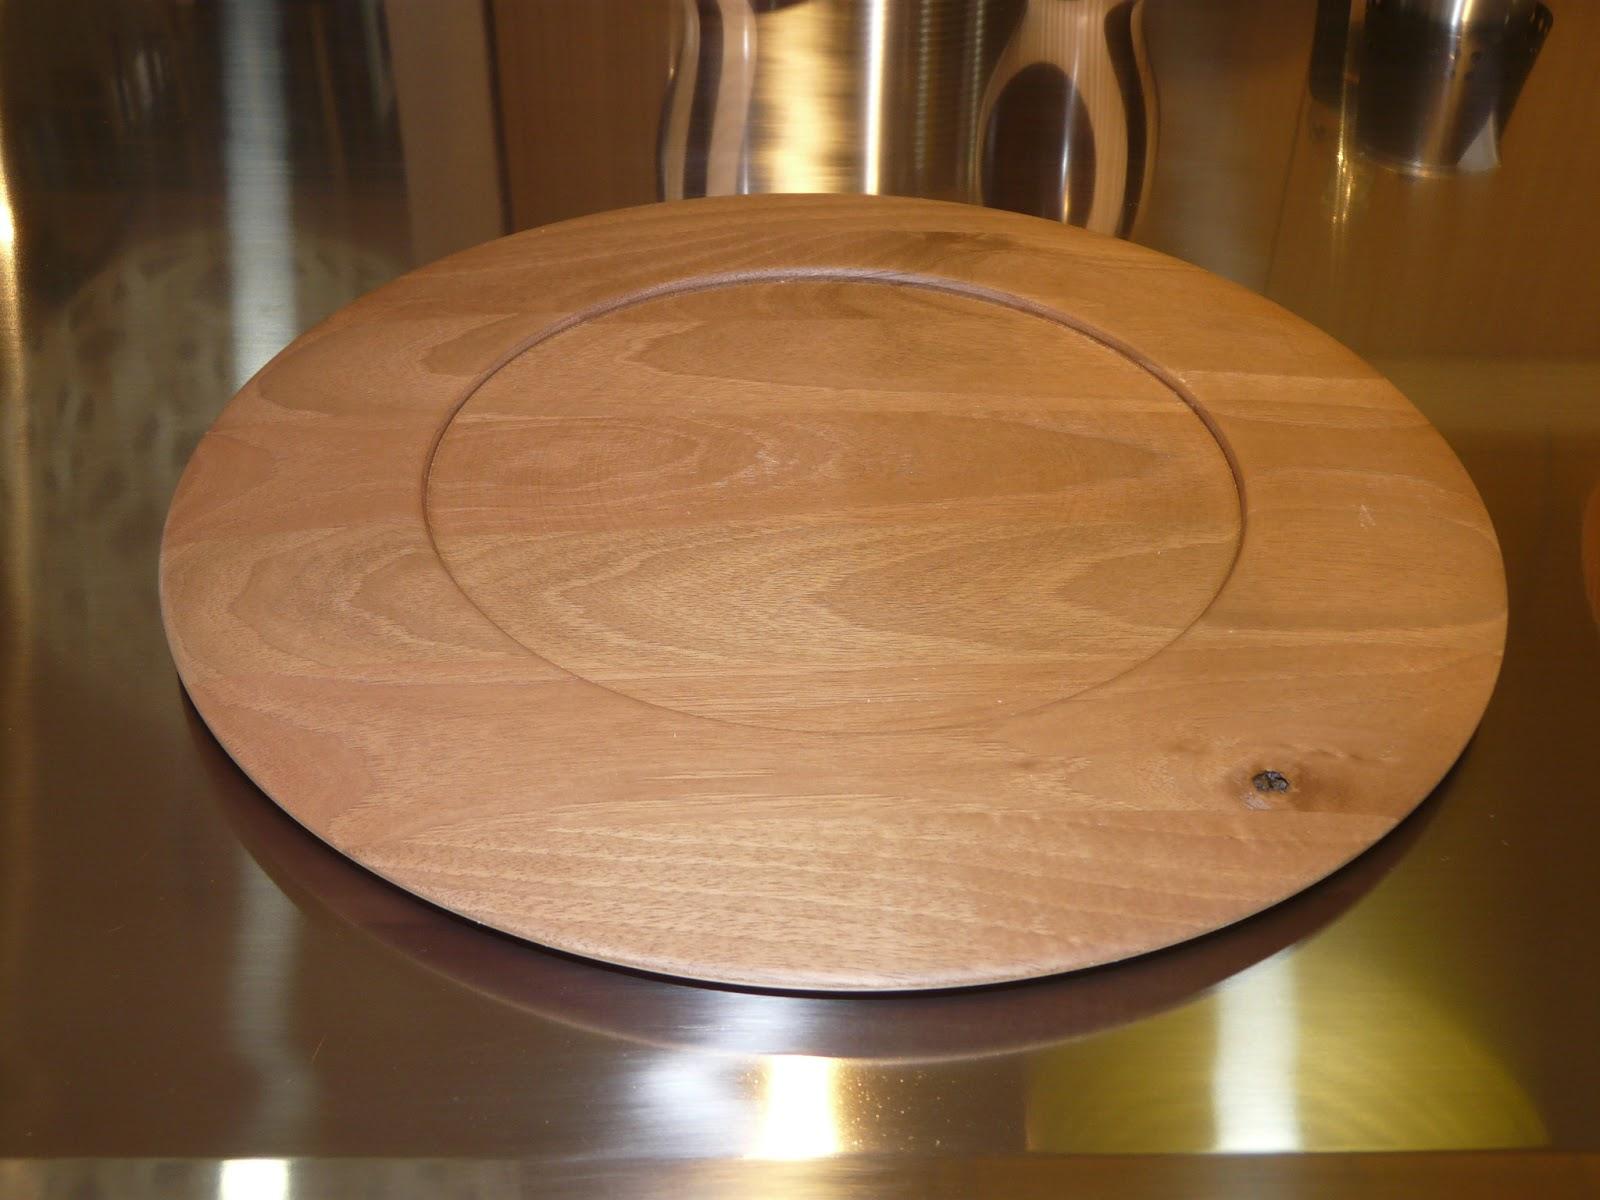 Idee regalo in legno sottopiatti in noce for Siti di oggetti in regalo